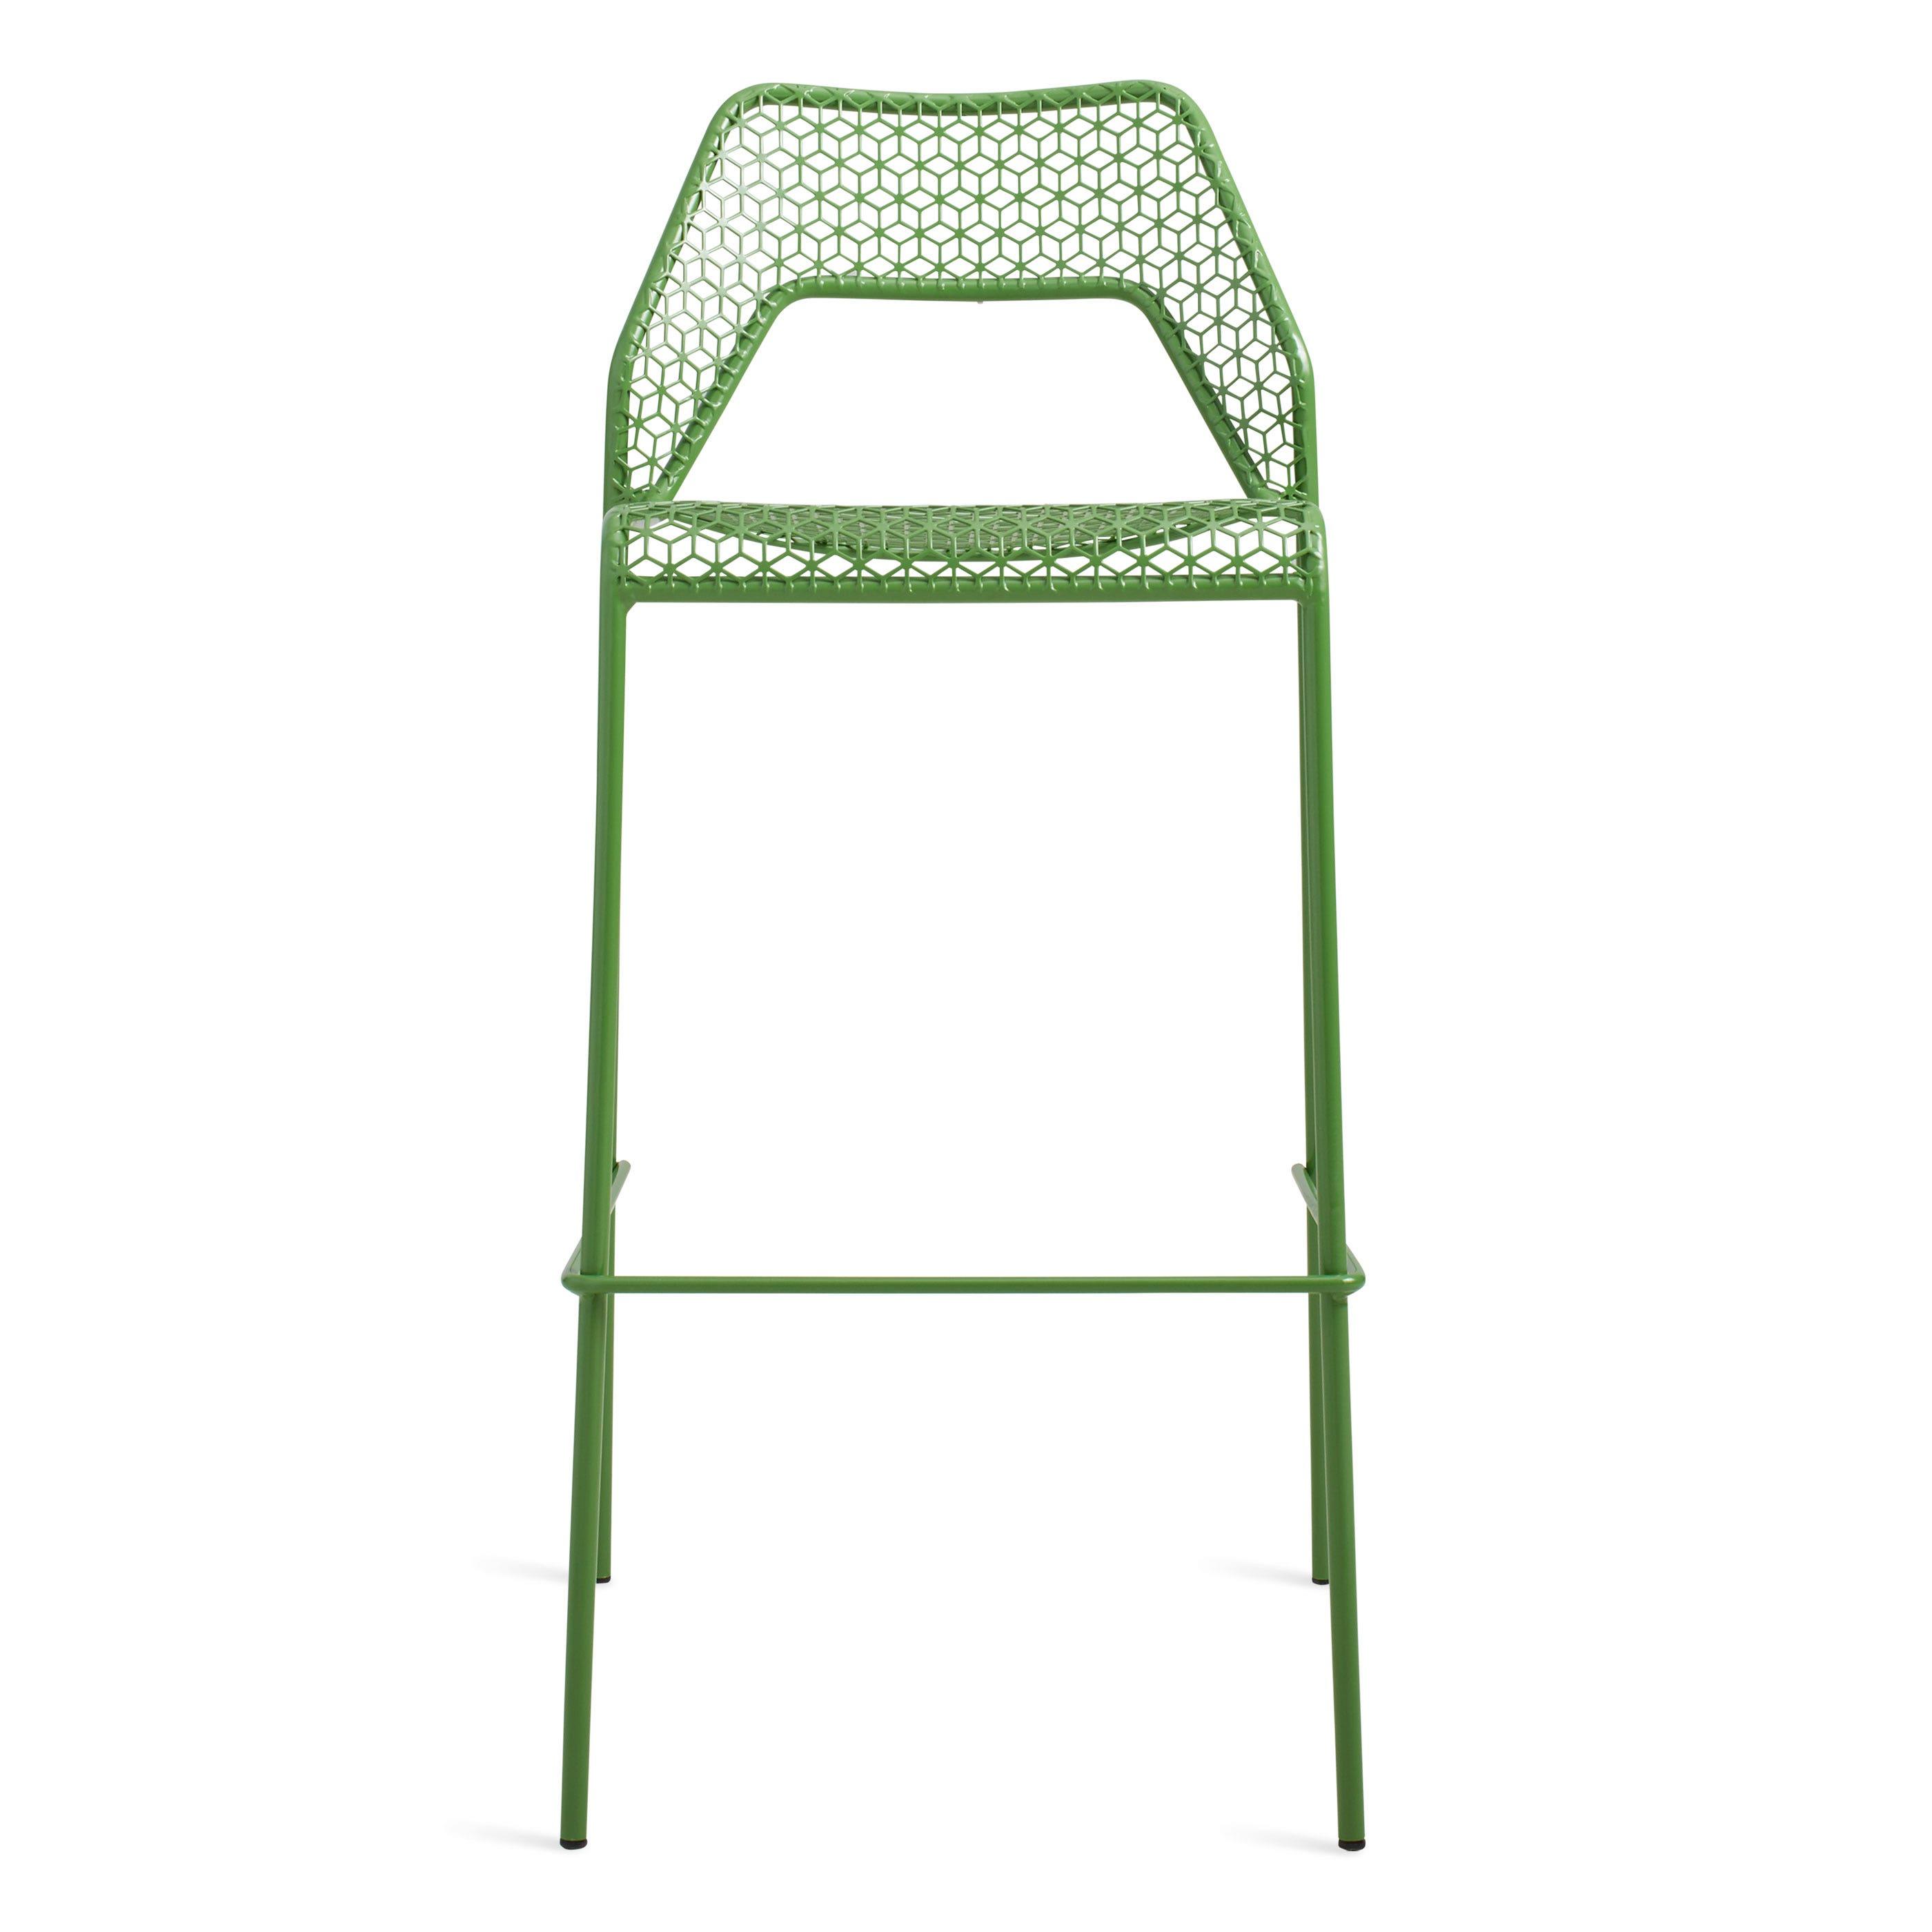 hot mesh bar stool  outdoor metal bar stools  blu dot - previous image hot mesh modern outdoor bar stool